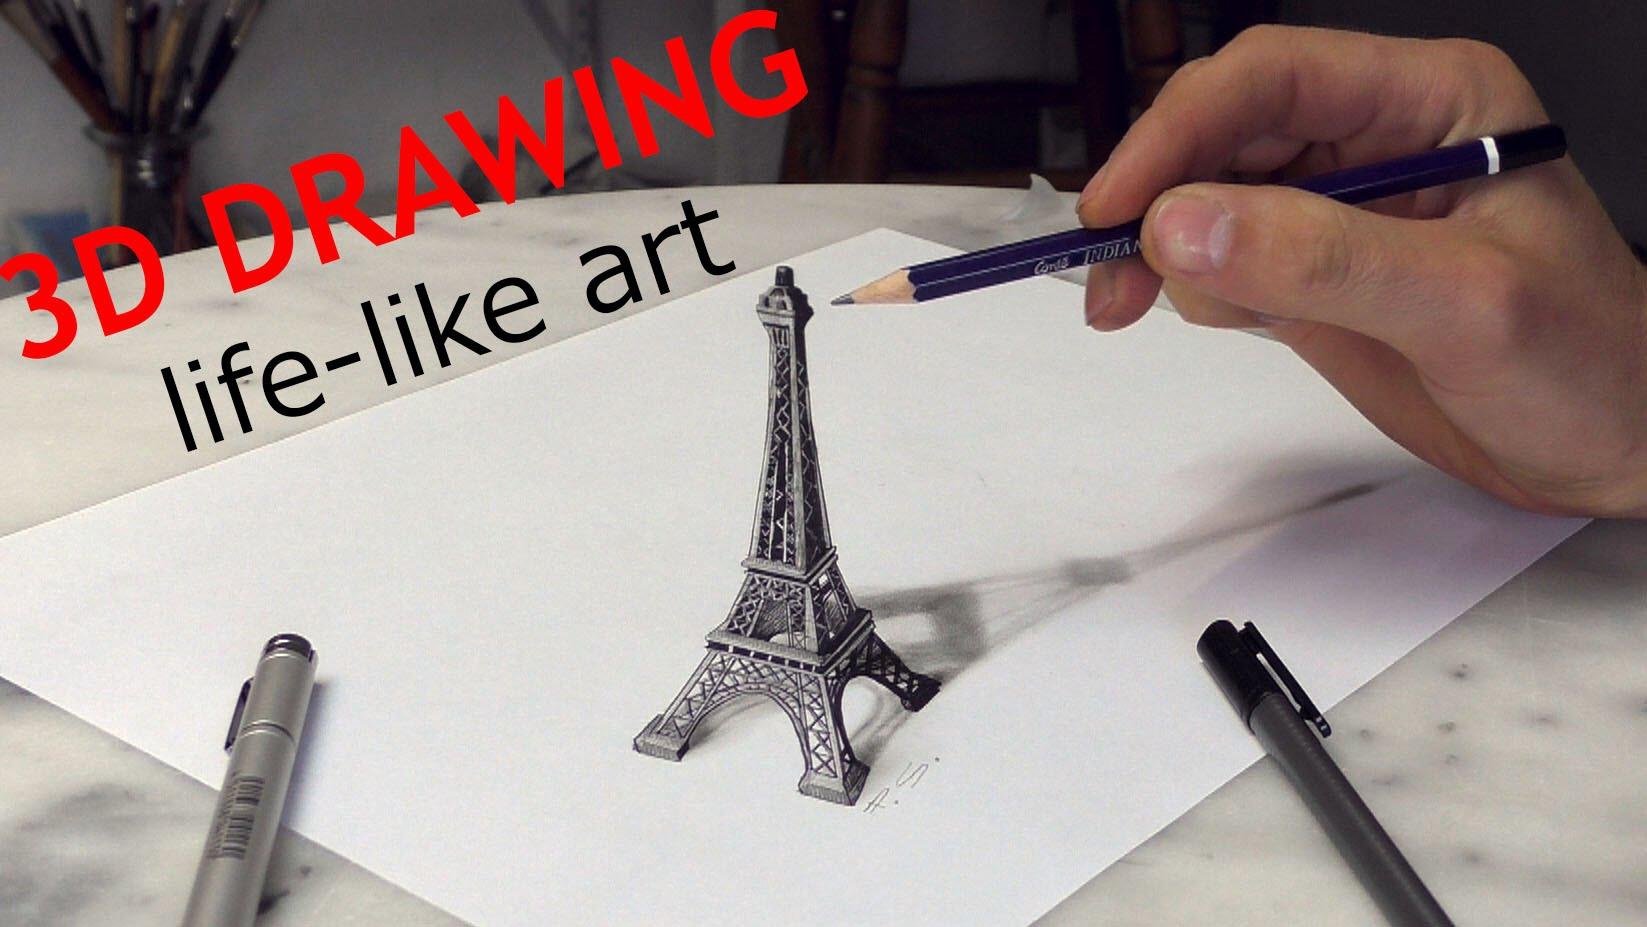 Drawn 3d art magic #3